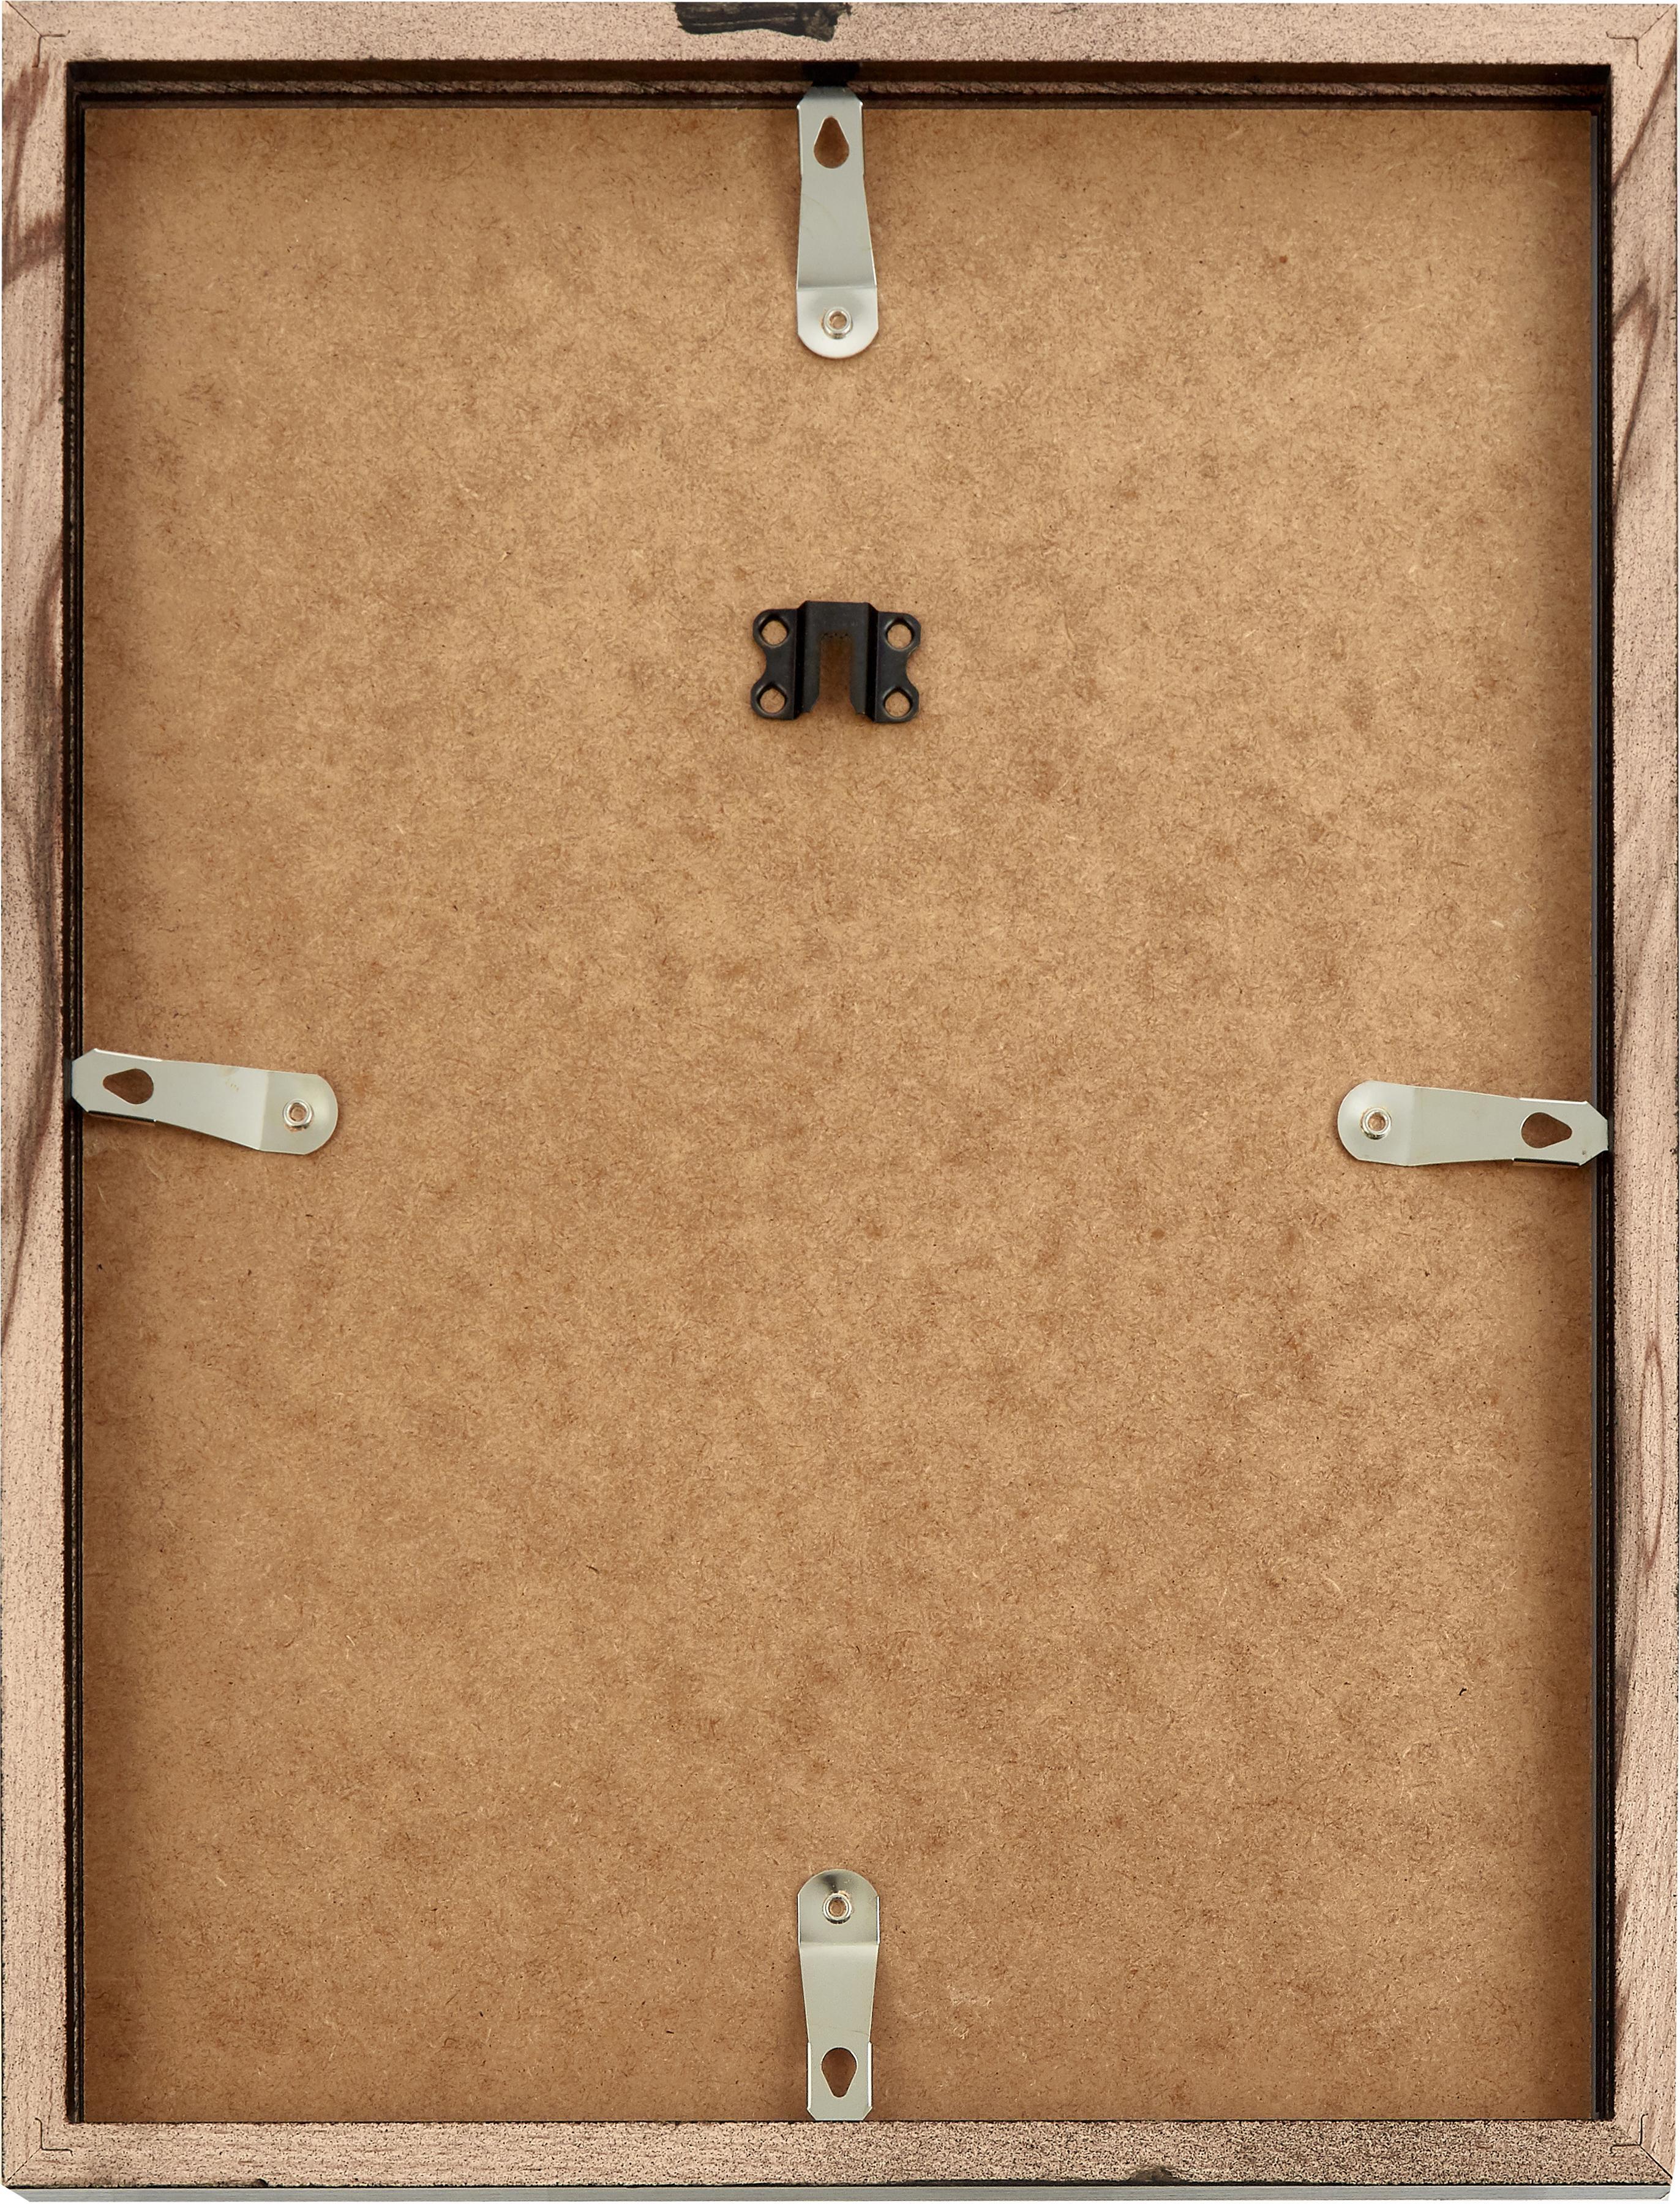 Gerahmter Digitaldruck Get Naked, Bild: Digitaldruck auf Papier, , Rahmen: Holz, lackiert, Front: Plexiglas, Schwarz, Weiß, 33 x 43 cm